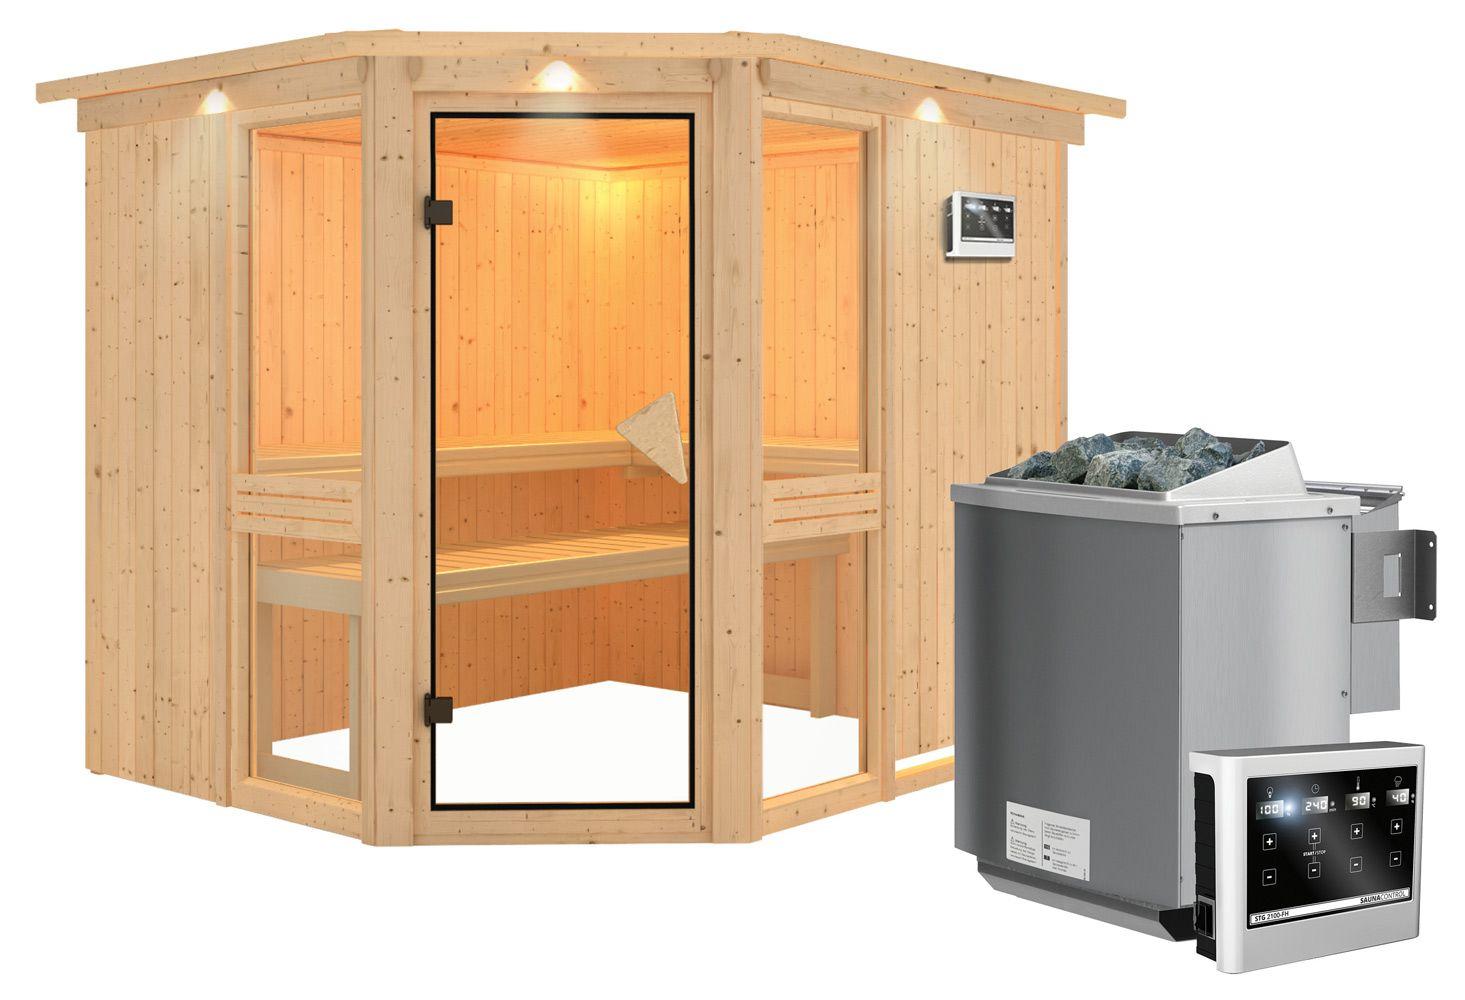 Sauna Alessia 04, 68 mm Wandstärke - 245 x 210 x 202 cm (B x T x H) - Ausführung:inkl. Bio-Ofen mit externer Steuerung